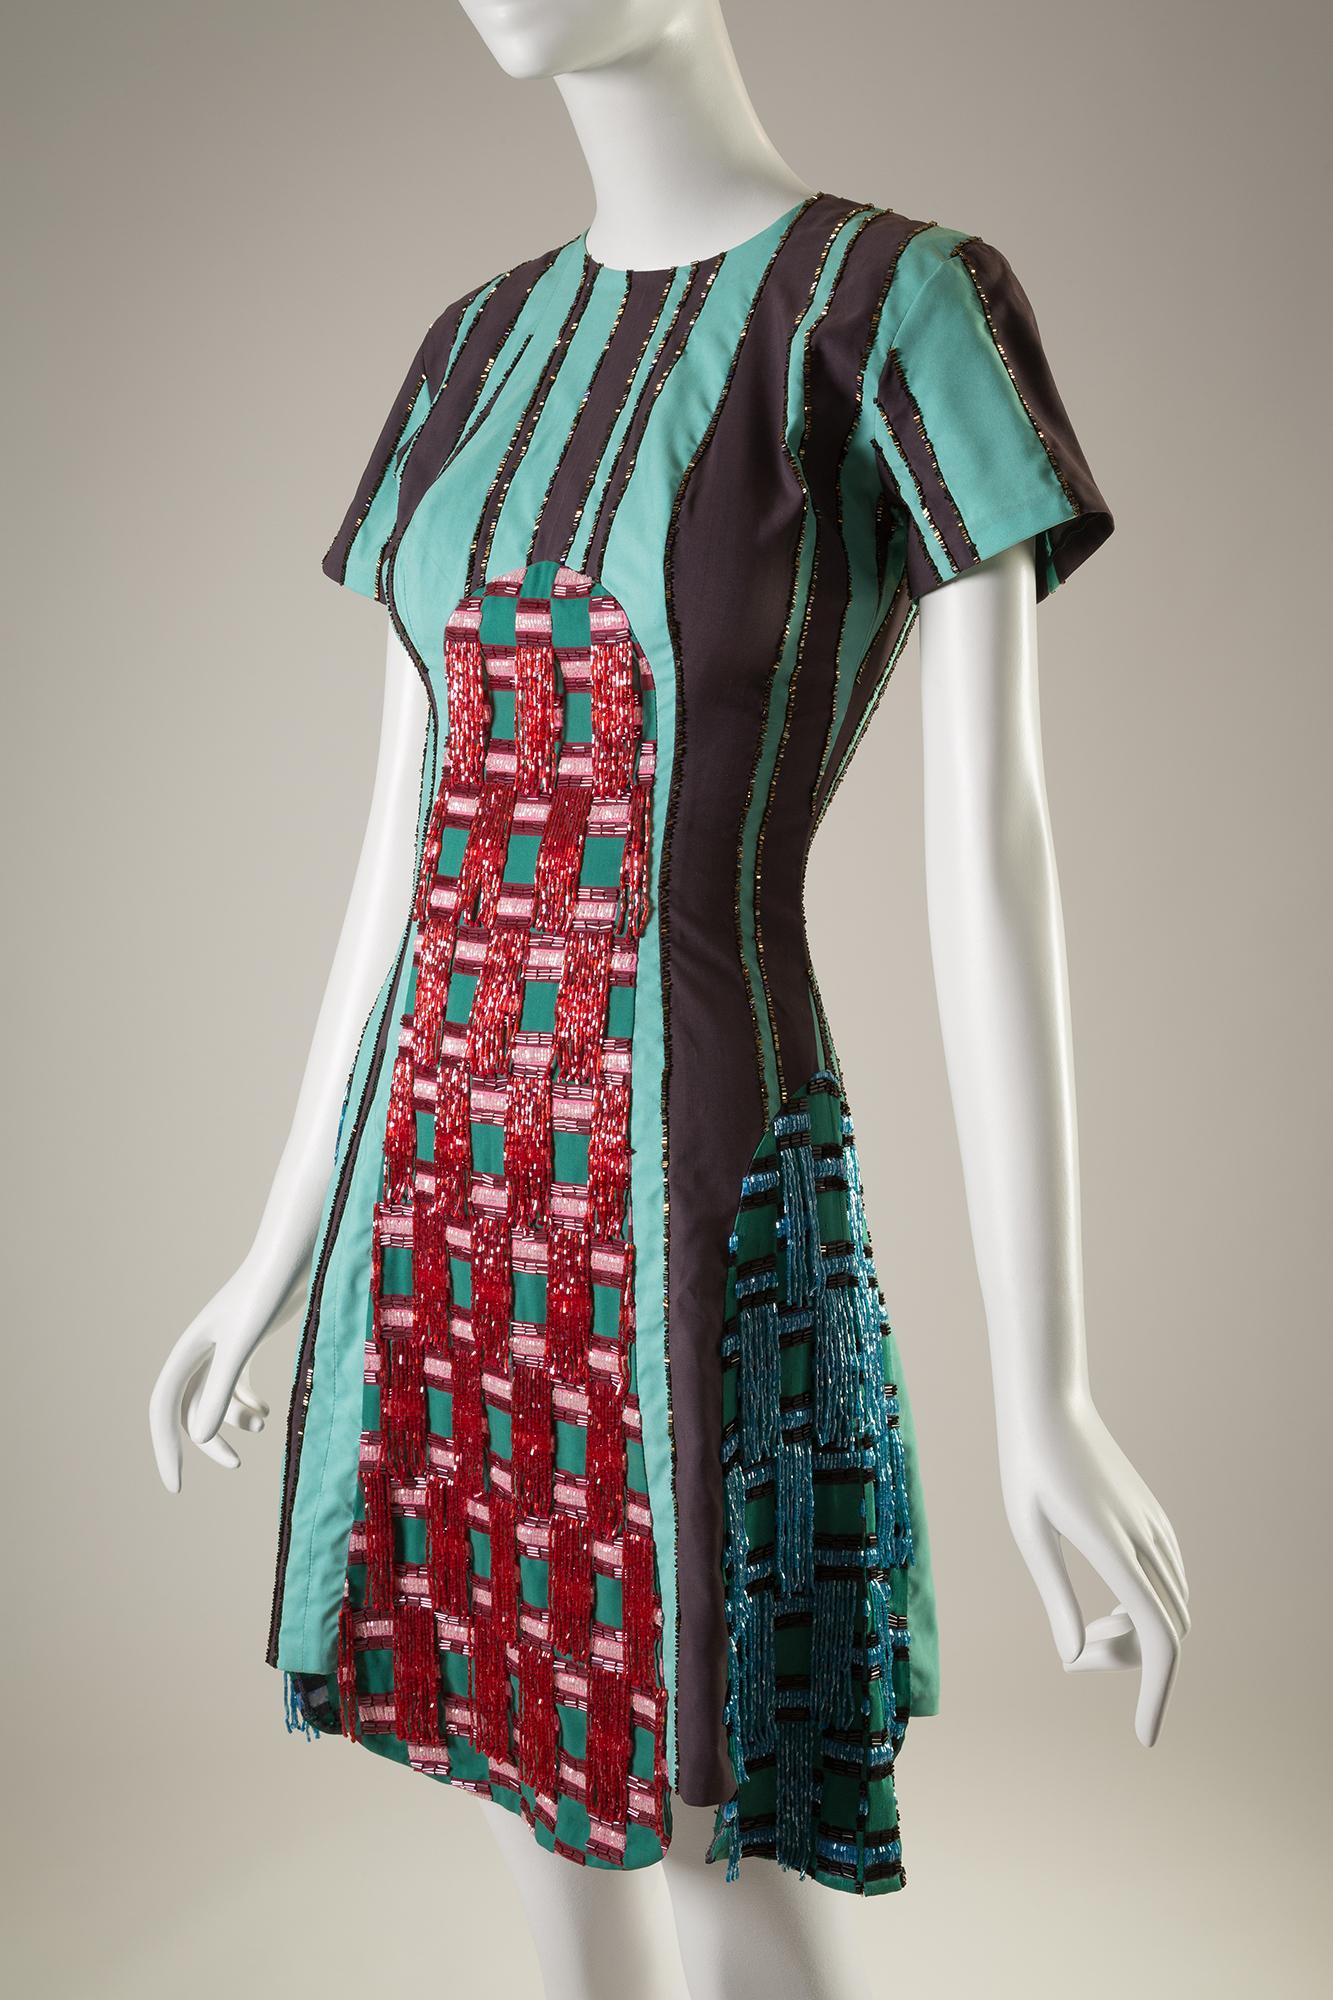 #VLCNewYork: Global Fashion Capitals, la exposición del FIT que muestra las reales capitales de la moda